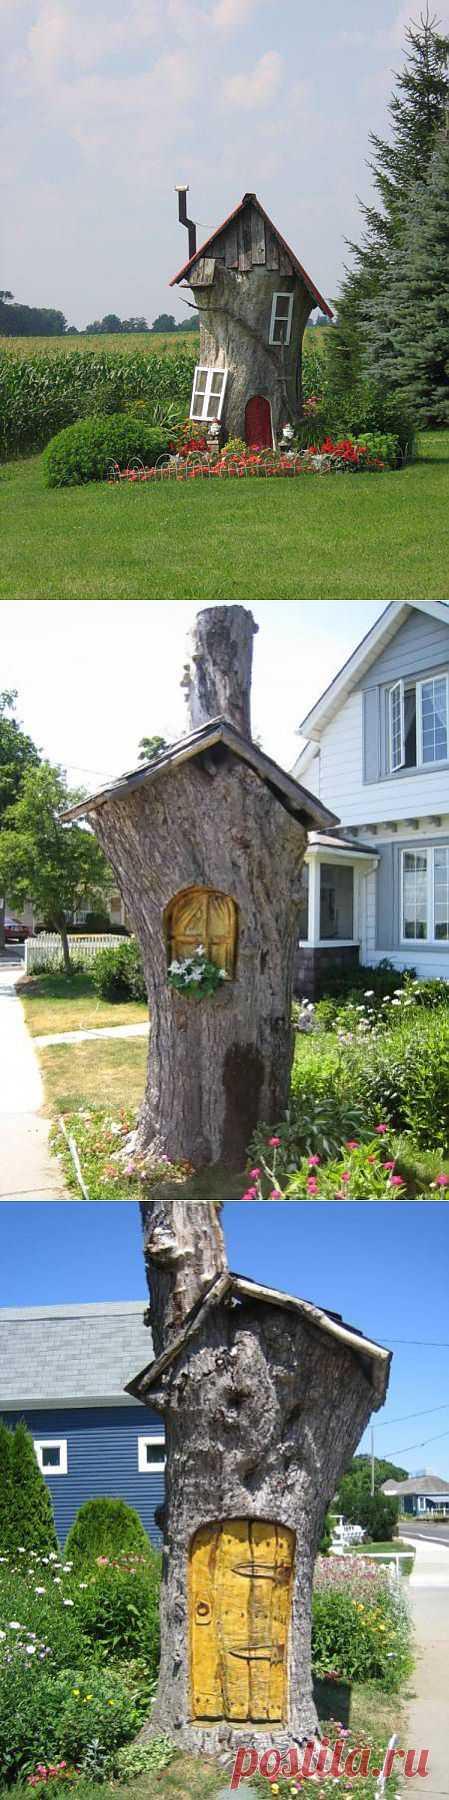 Сказочный «домик» из дерева. Возможно в некоторых случаях не стоит убирать дерево под самый корень - превратите дерево в интересный декоративный элемент - сказочный «домик».